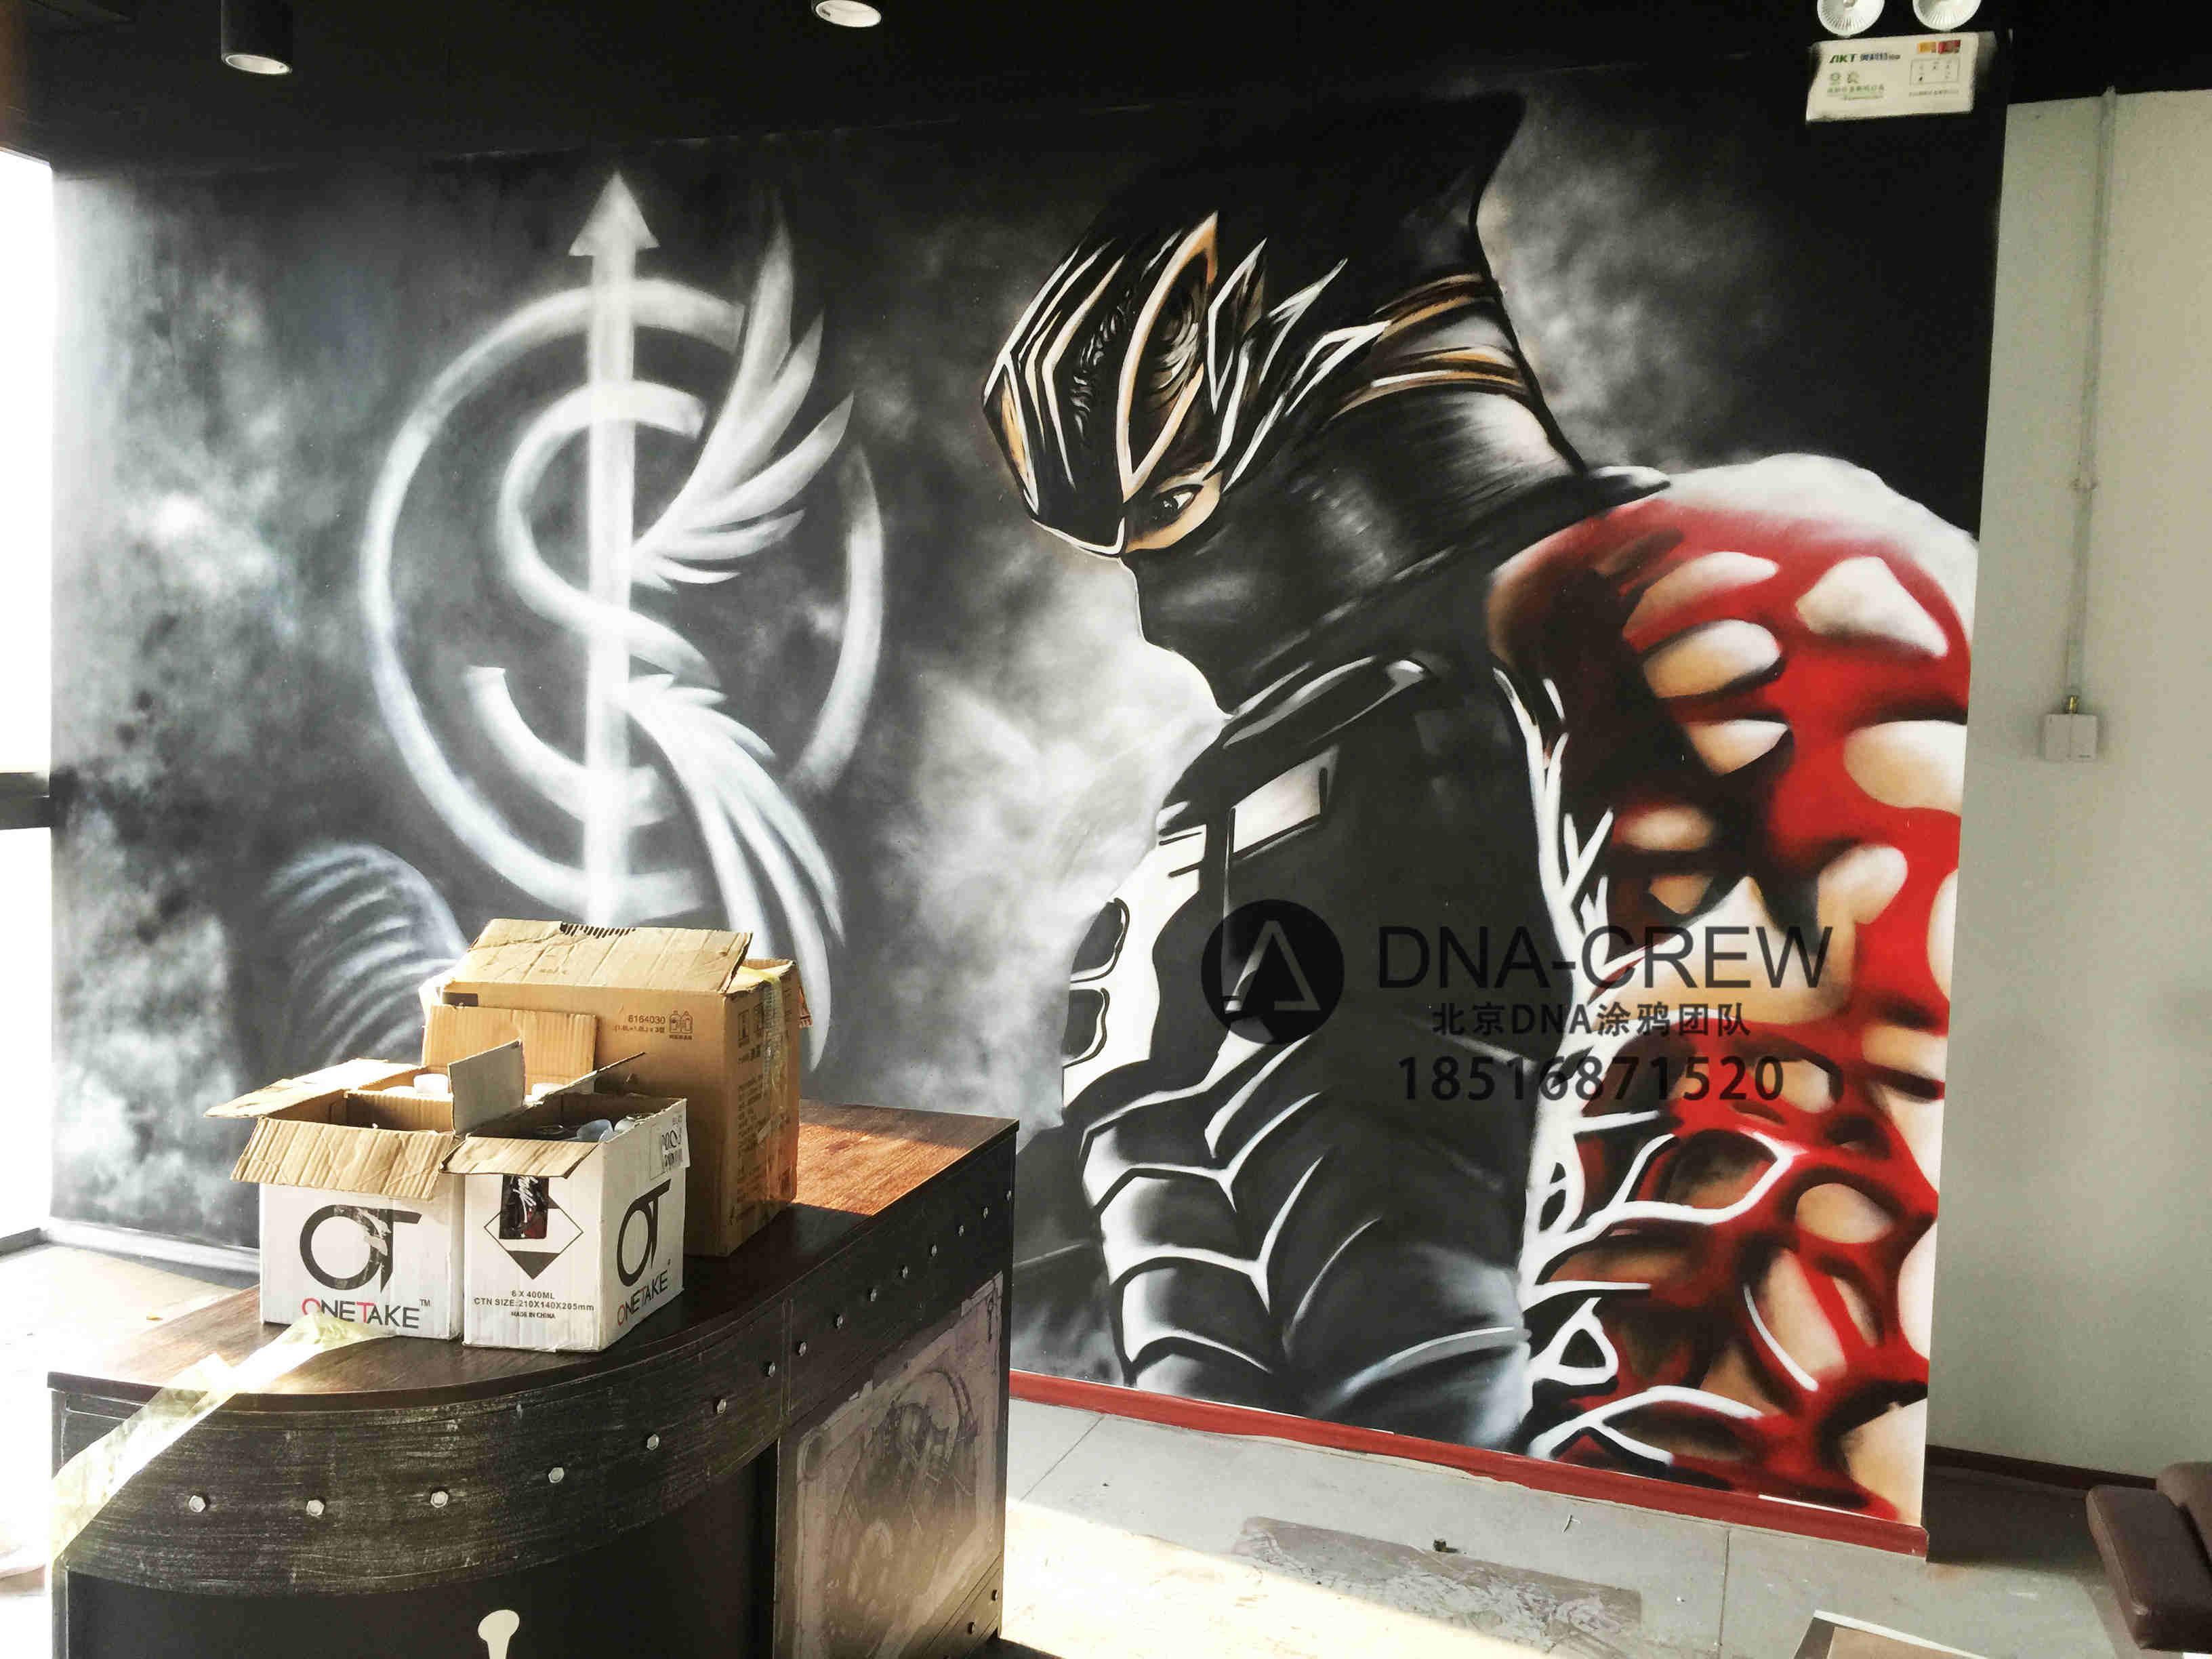 北京dna街头涂鸦团队-绿地缤纷城私人健身工作室写实涂鸦人物_3d立体画_3d立体涂鸦